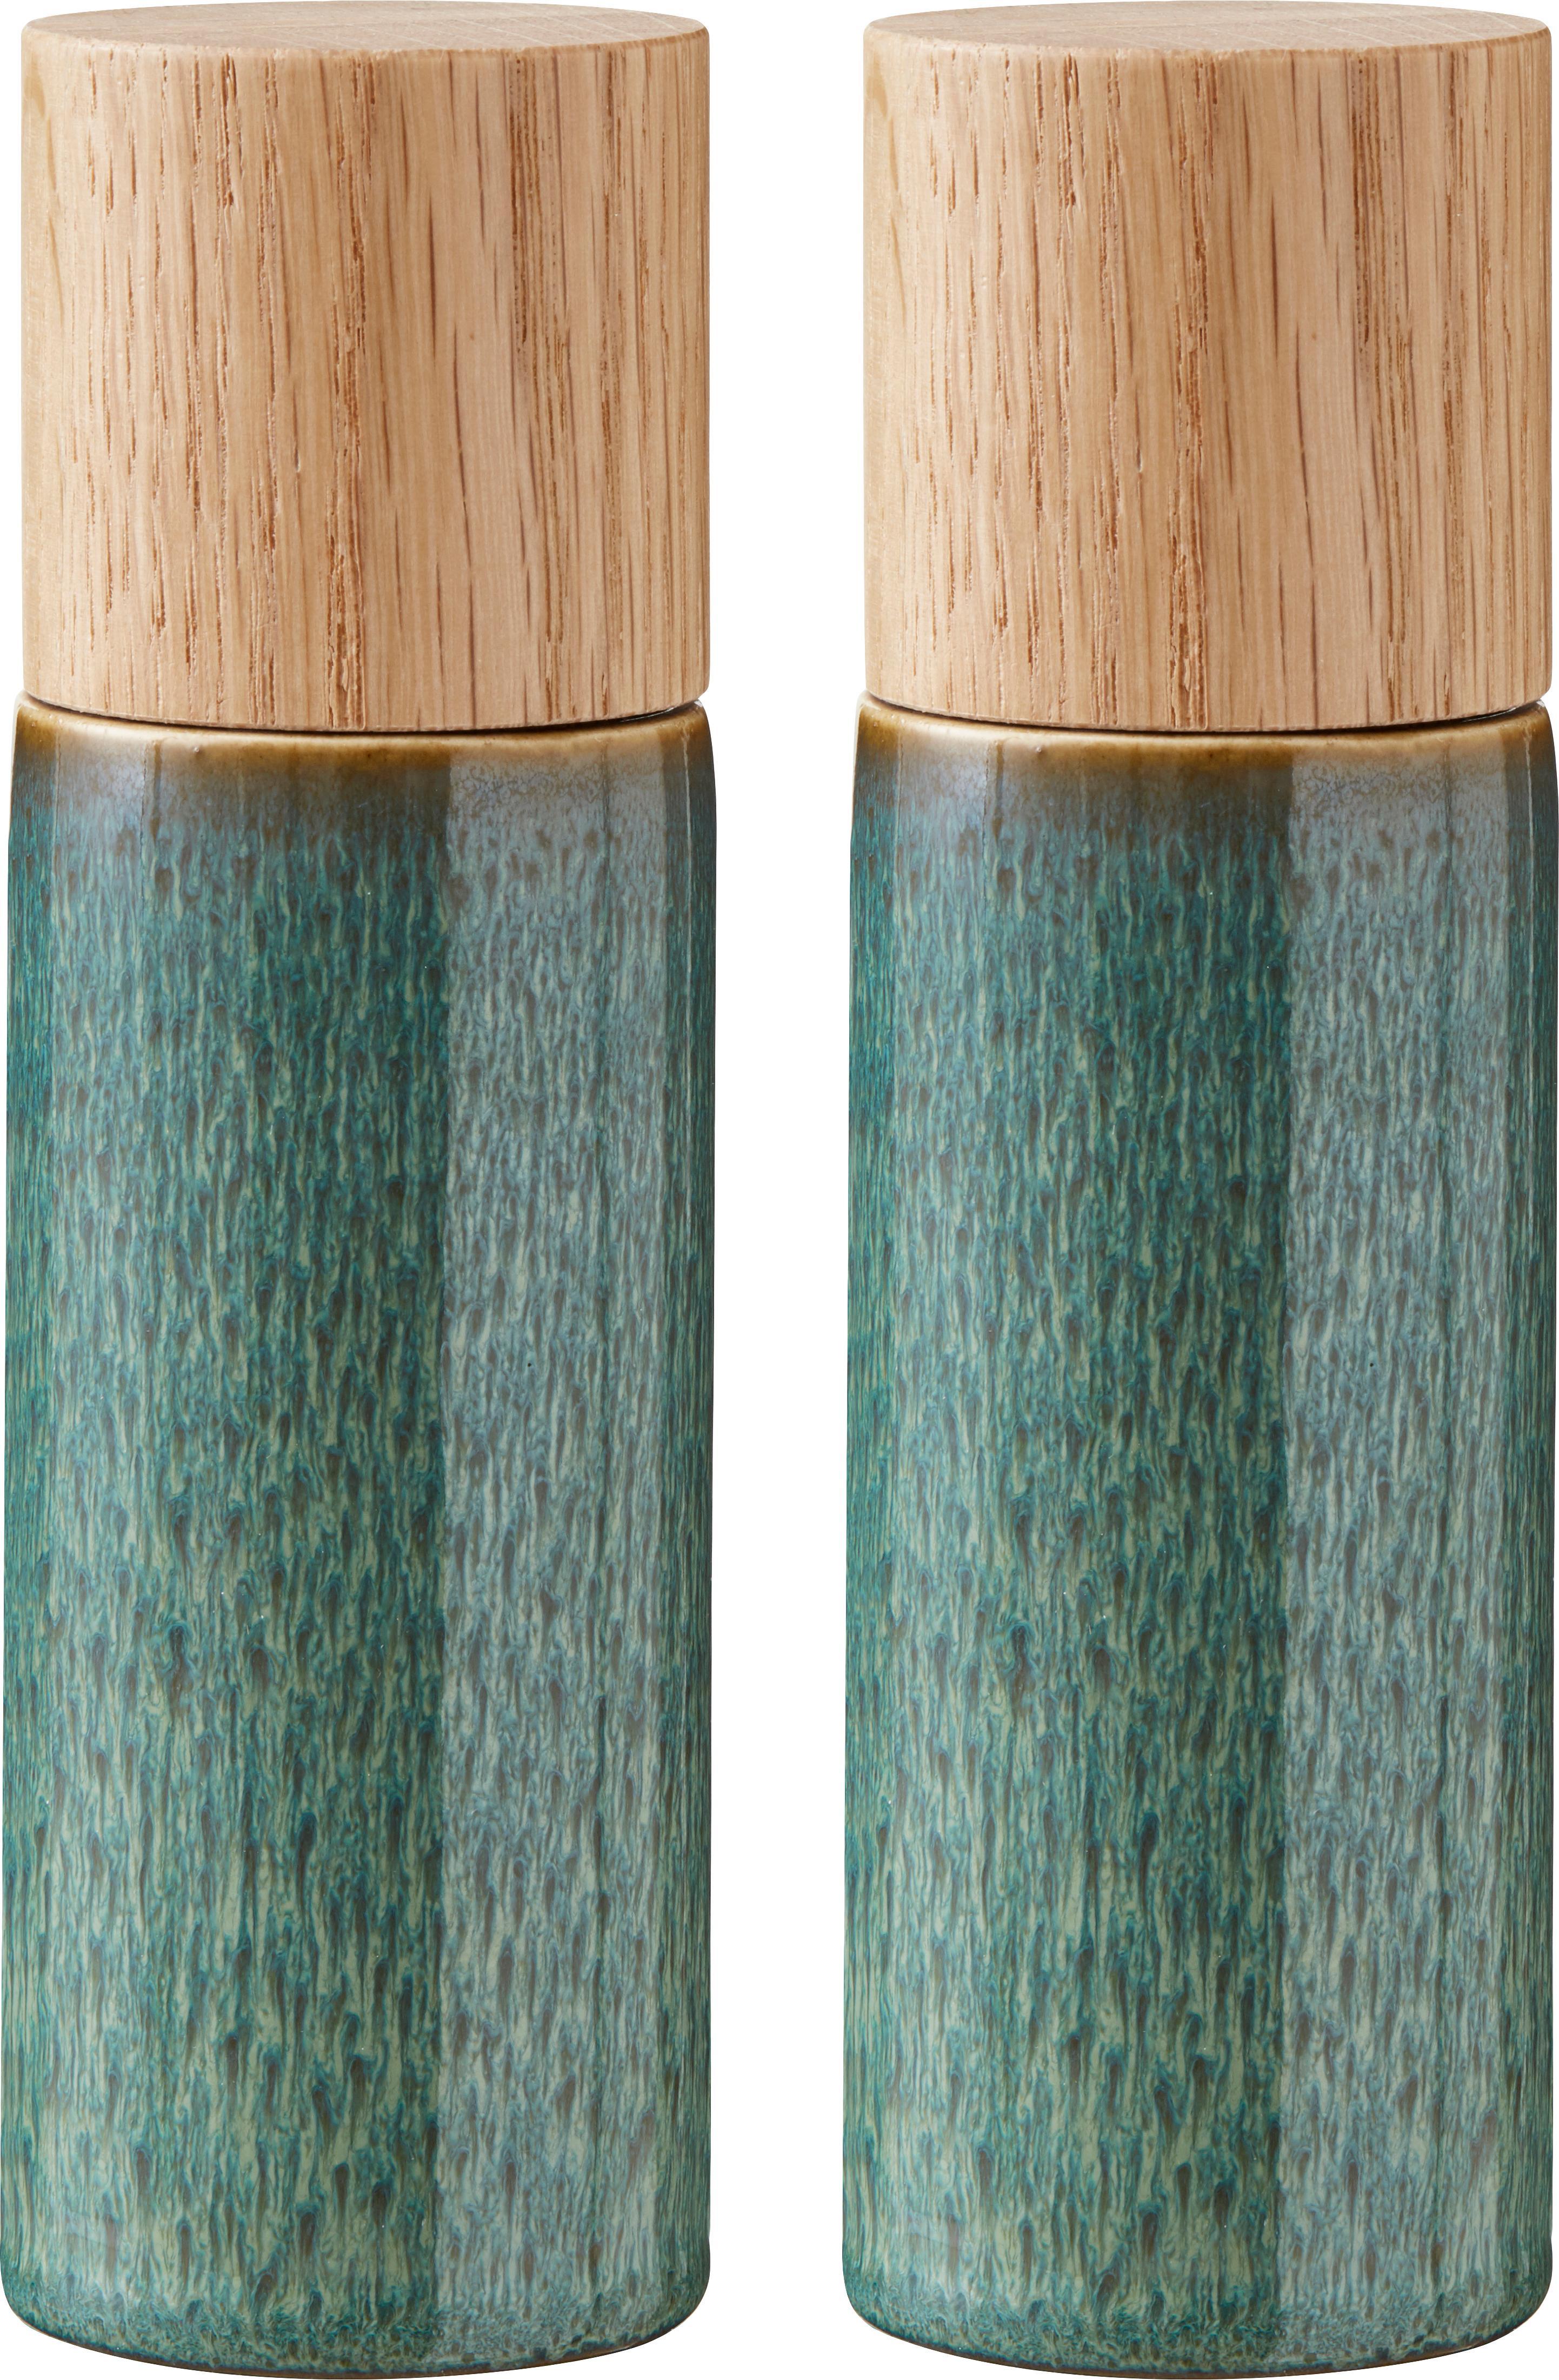 Zout- en peperstrooier-set Bizz, 2-delig, Deksel: hout, Groentinten, beige, hout, Ø 5 x H 17 cm